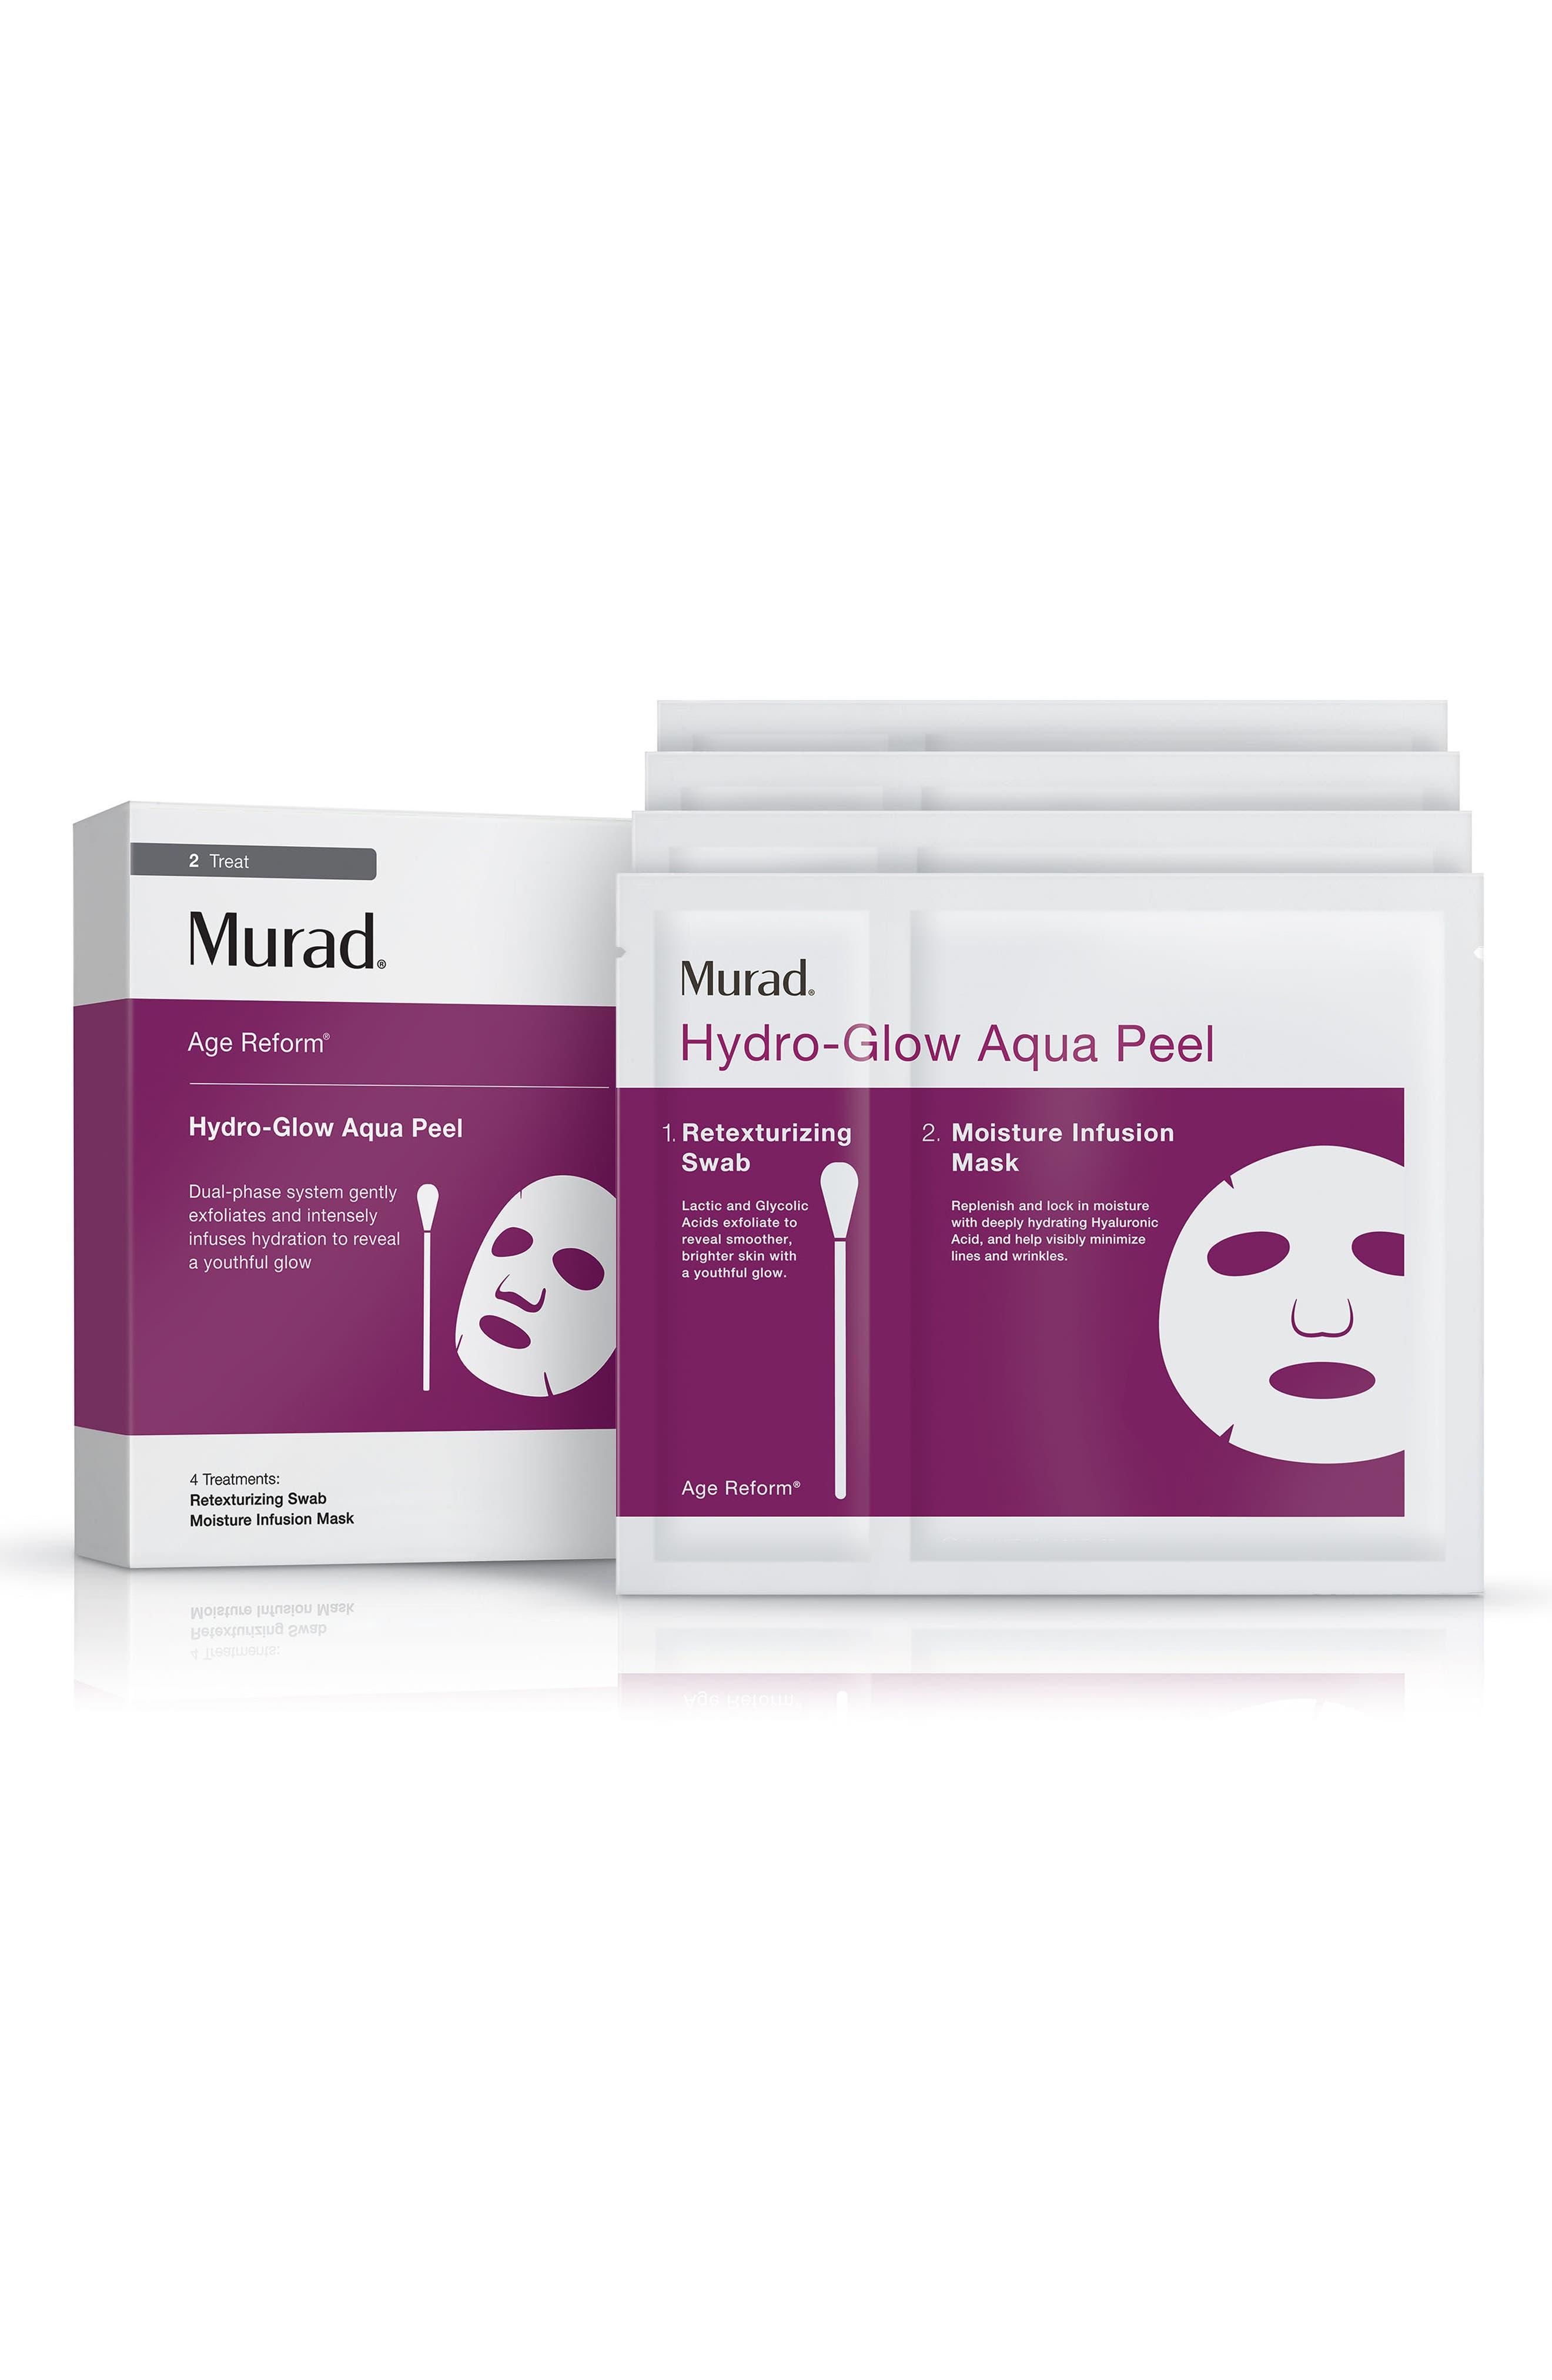 Murad® Hydro-Glow Aqua Peel